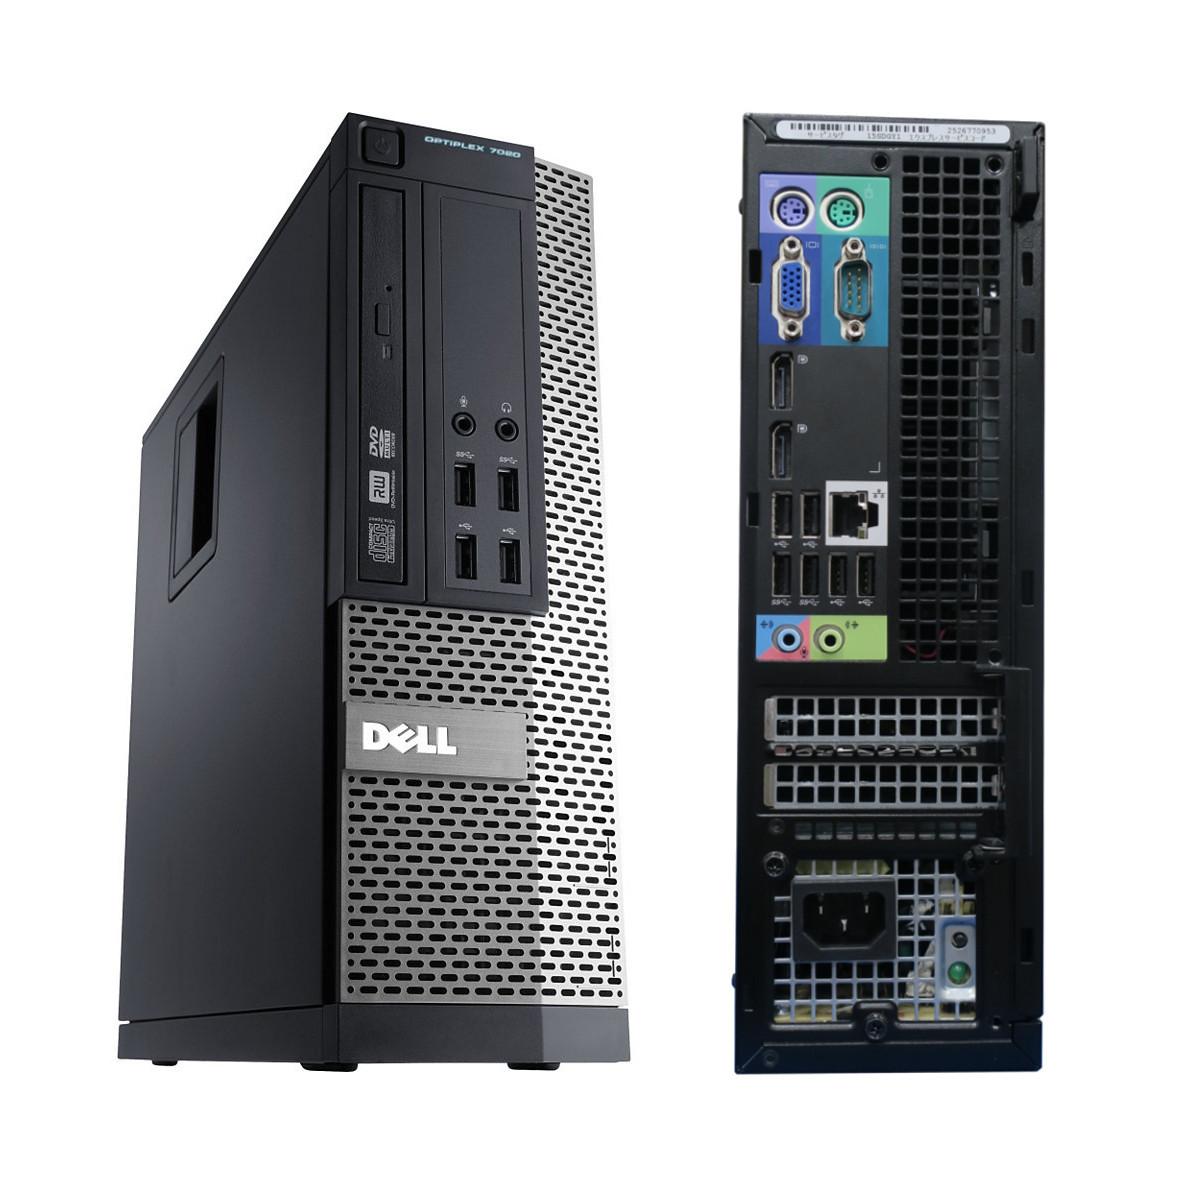 【500円クーポン使えます!】中古デスクトップDell Optiplex 7020 7020-7020SFF 【中古】 Dell Optiplex 7020 中古デスクトップCore i5 Win7 Pro Dell Optiplex 7020 中古デスクトップCore i5 Win7 Pro